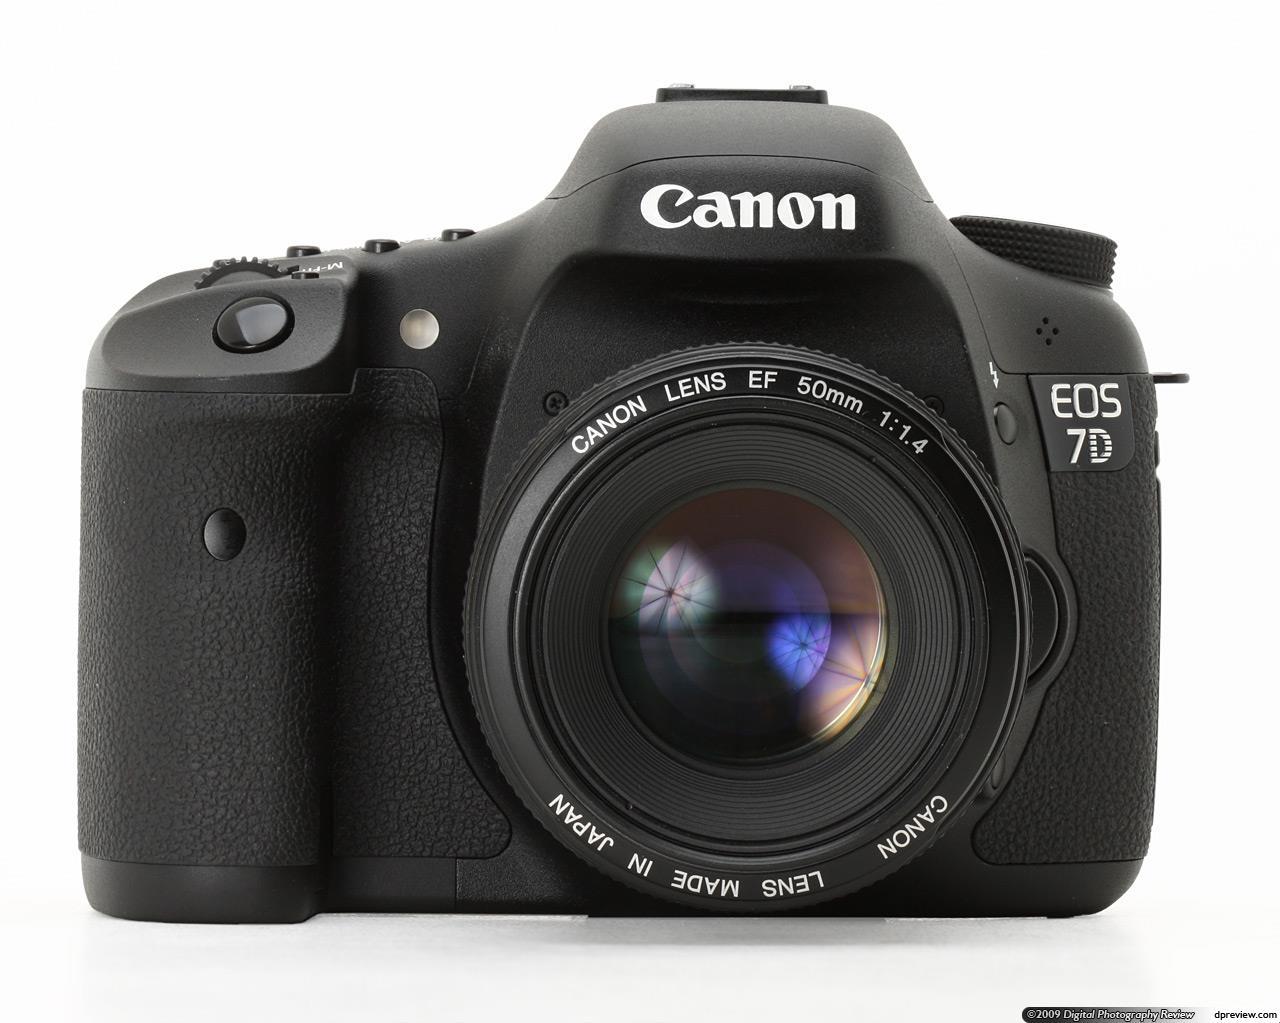 Canon EOS 7D Image